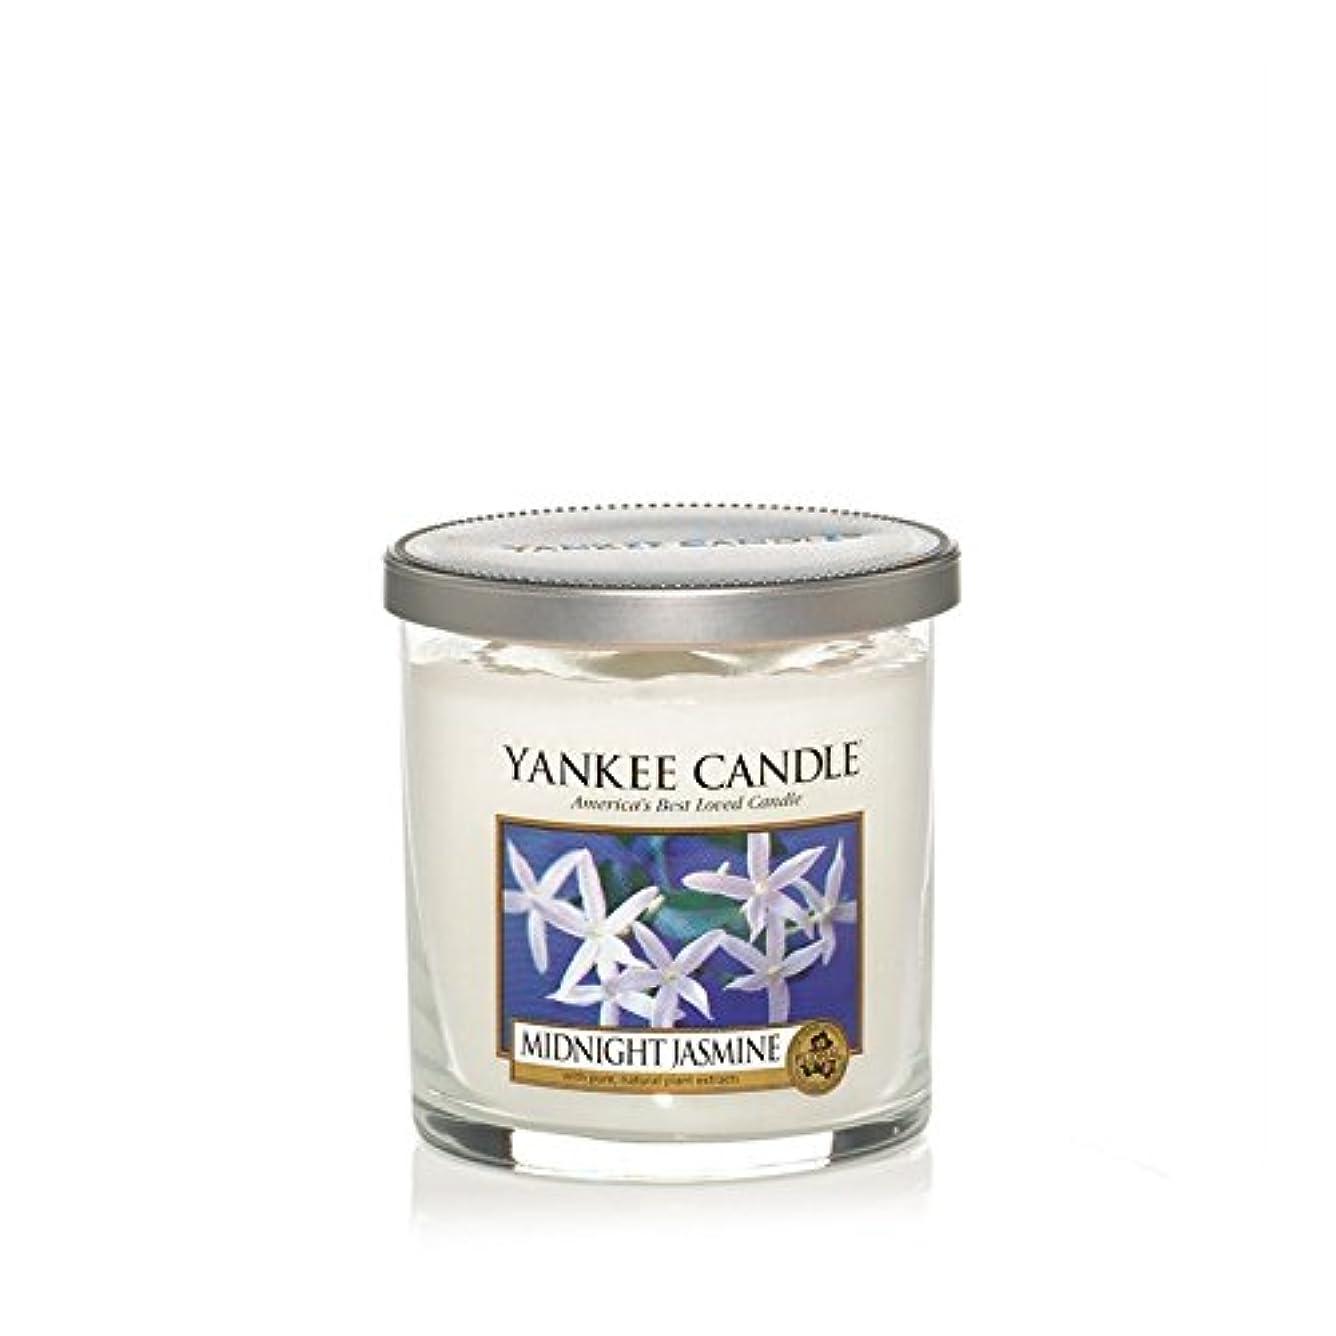 ケントこしょう降臨Yankee Candles Small Pillar Candle - Midnight Jasmine (Pack of 6) - ヤンキーキャンドルの小さな柱キャンドル - 深夜ジャスミン (x6) [並行輸入品]